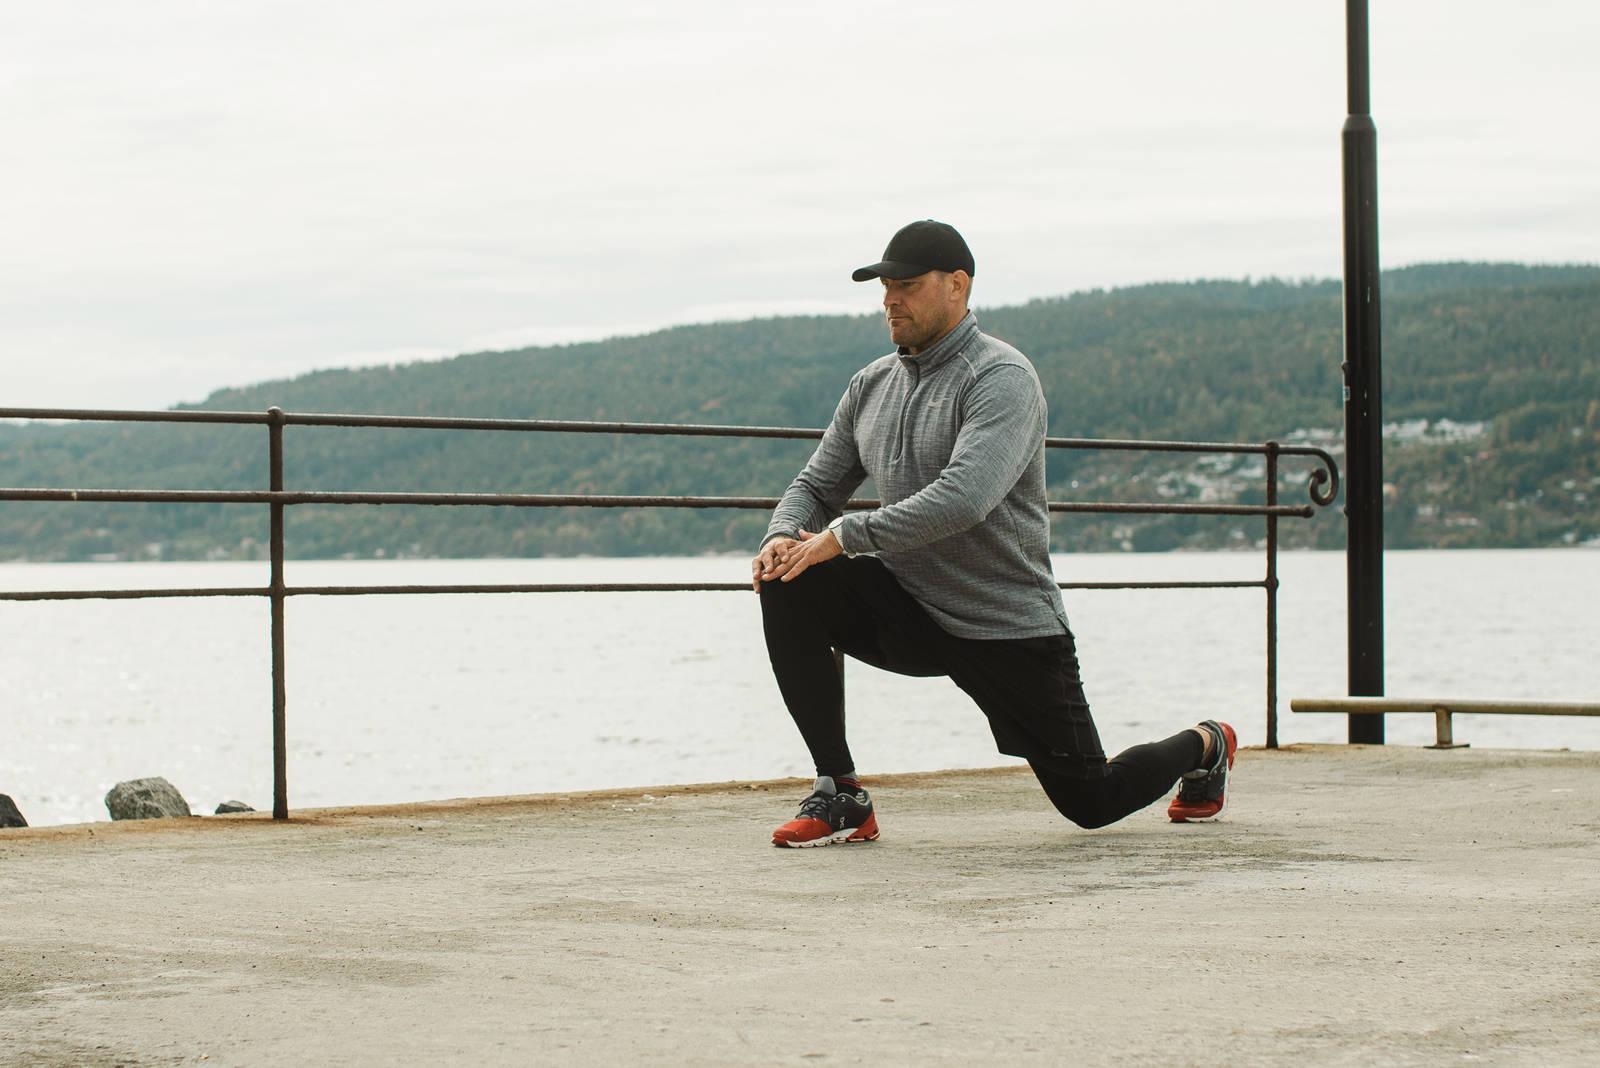 Dype utfall uten vekter er en fin øvelse å starte med. Det gir fokus og varmer opp musklene som er i arbeid i en benøkt. Sliter du med å holde knærne stabilt, kan du støtte de ved å holde hendene over som en skål. Bilde: Christian Nerdrum